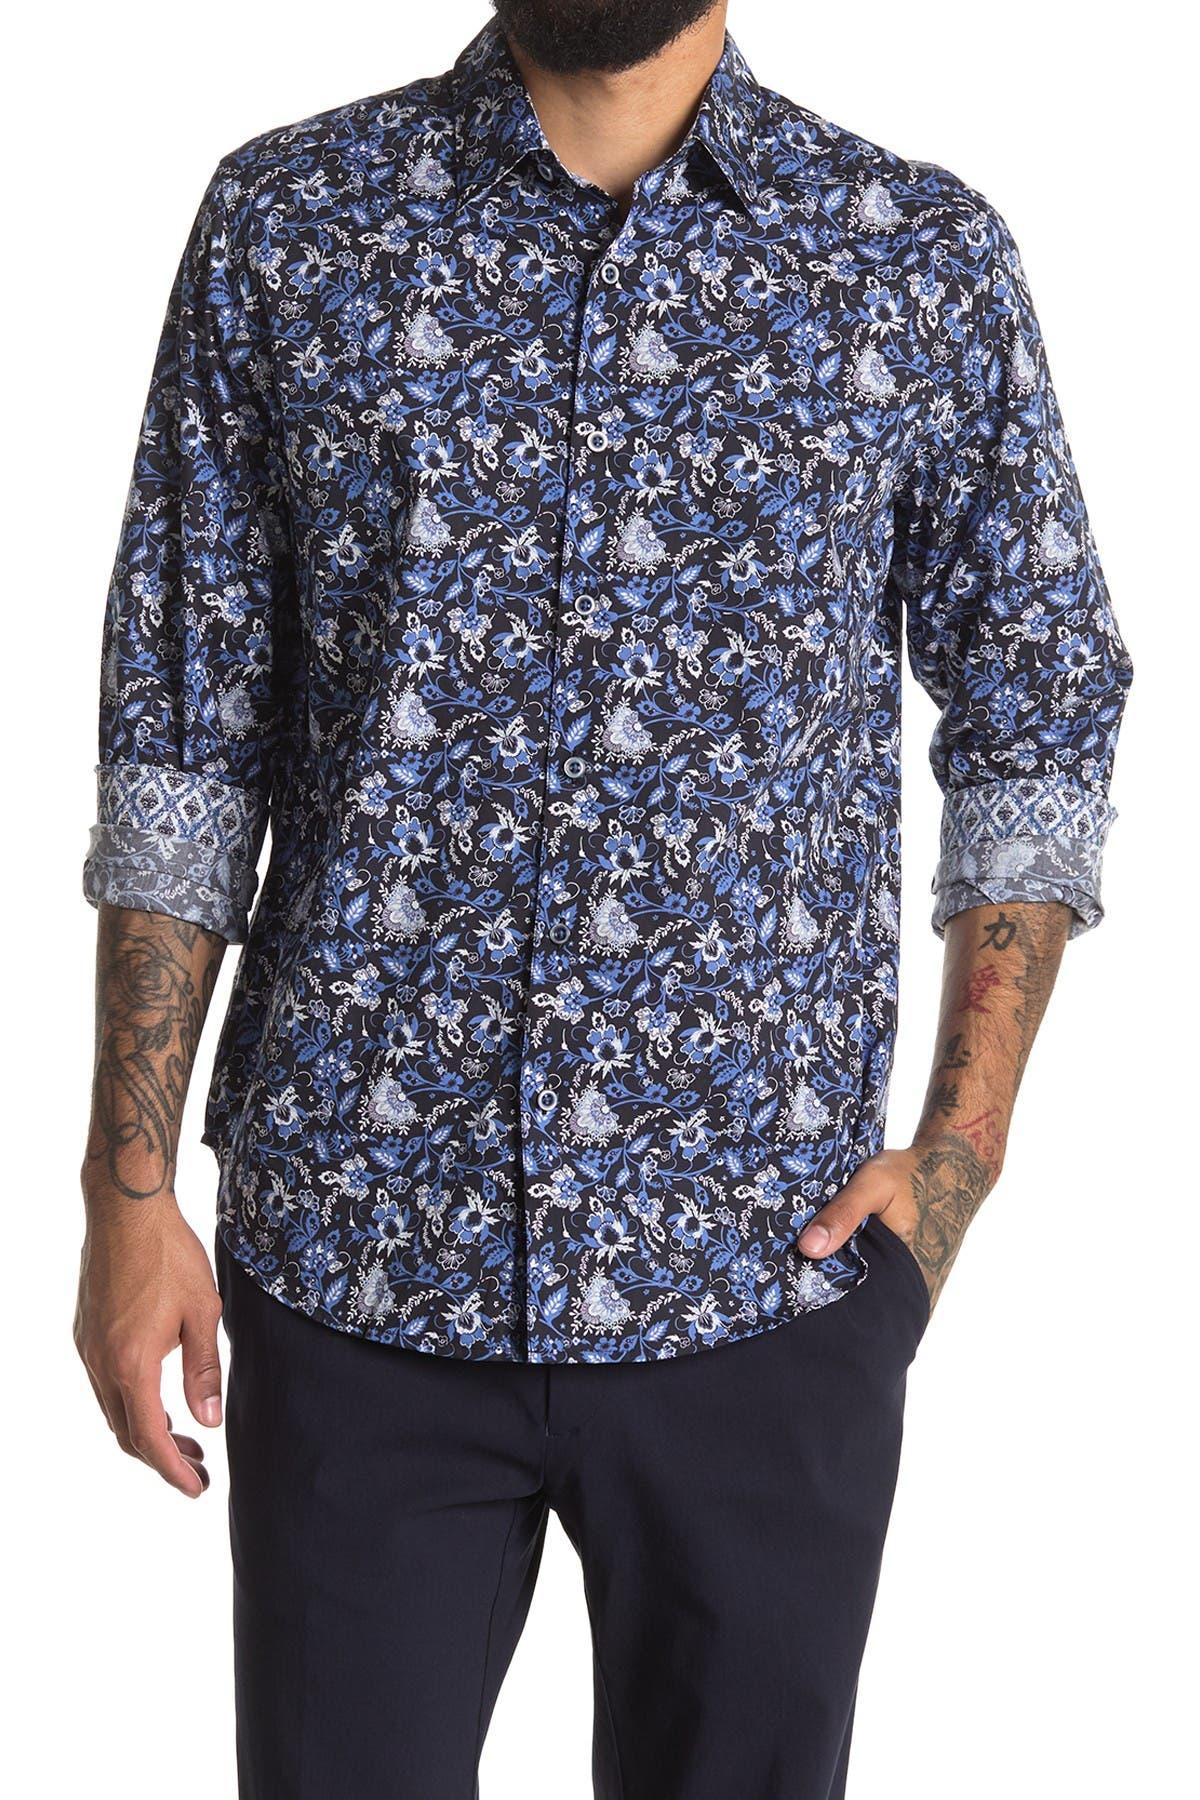 Image of Robert Graham Clovis Long Sleeve Woven Shirt